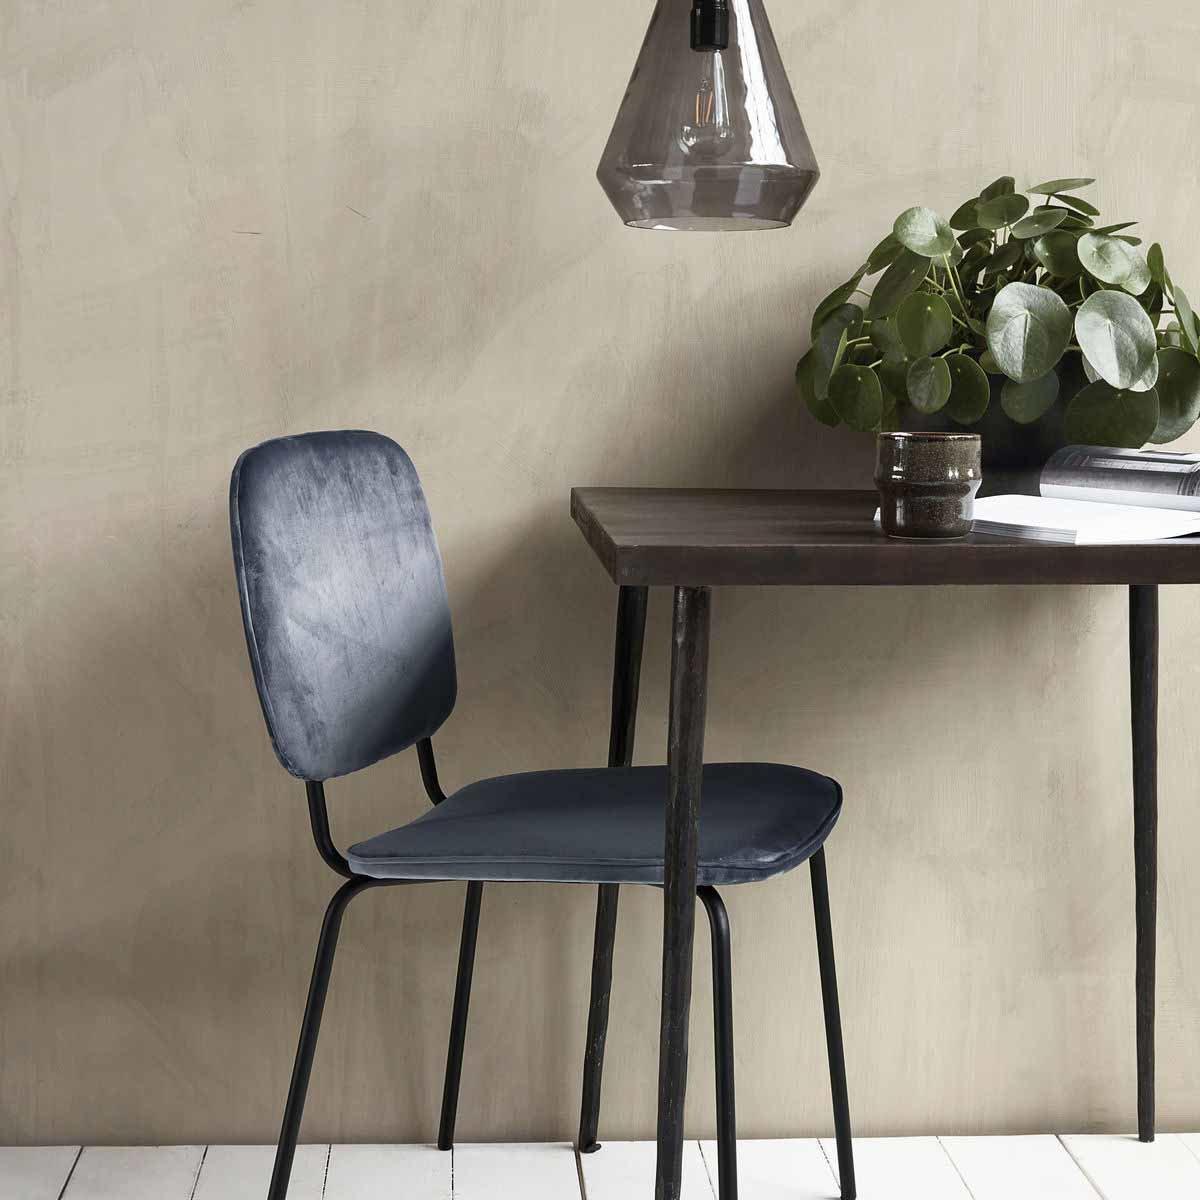 Comma spisebordsstol i grå velour House Doctor spisebordsstol